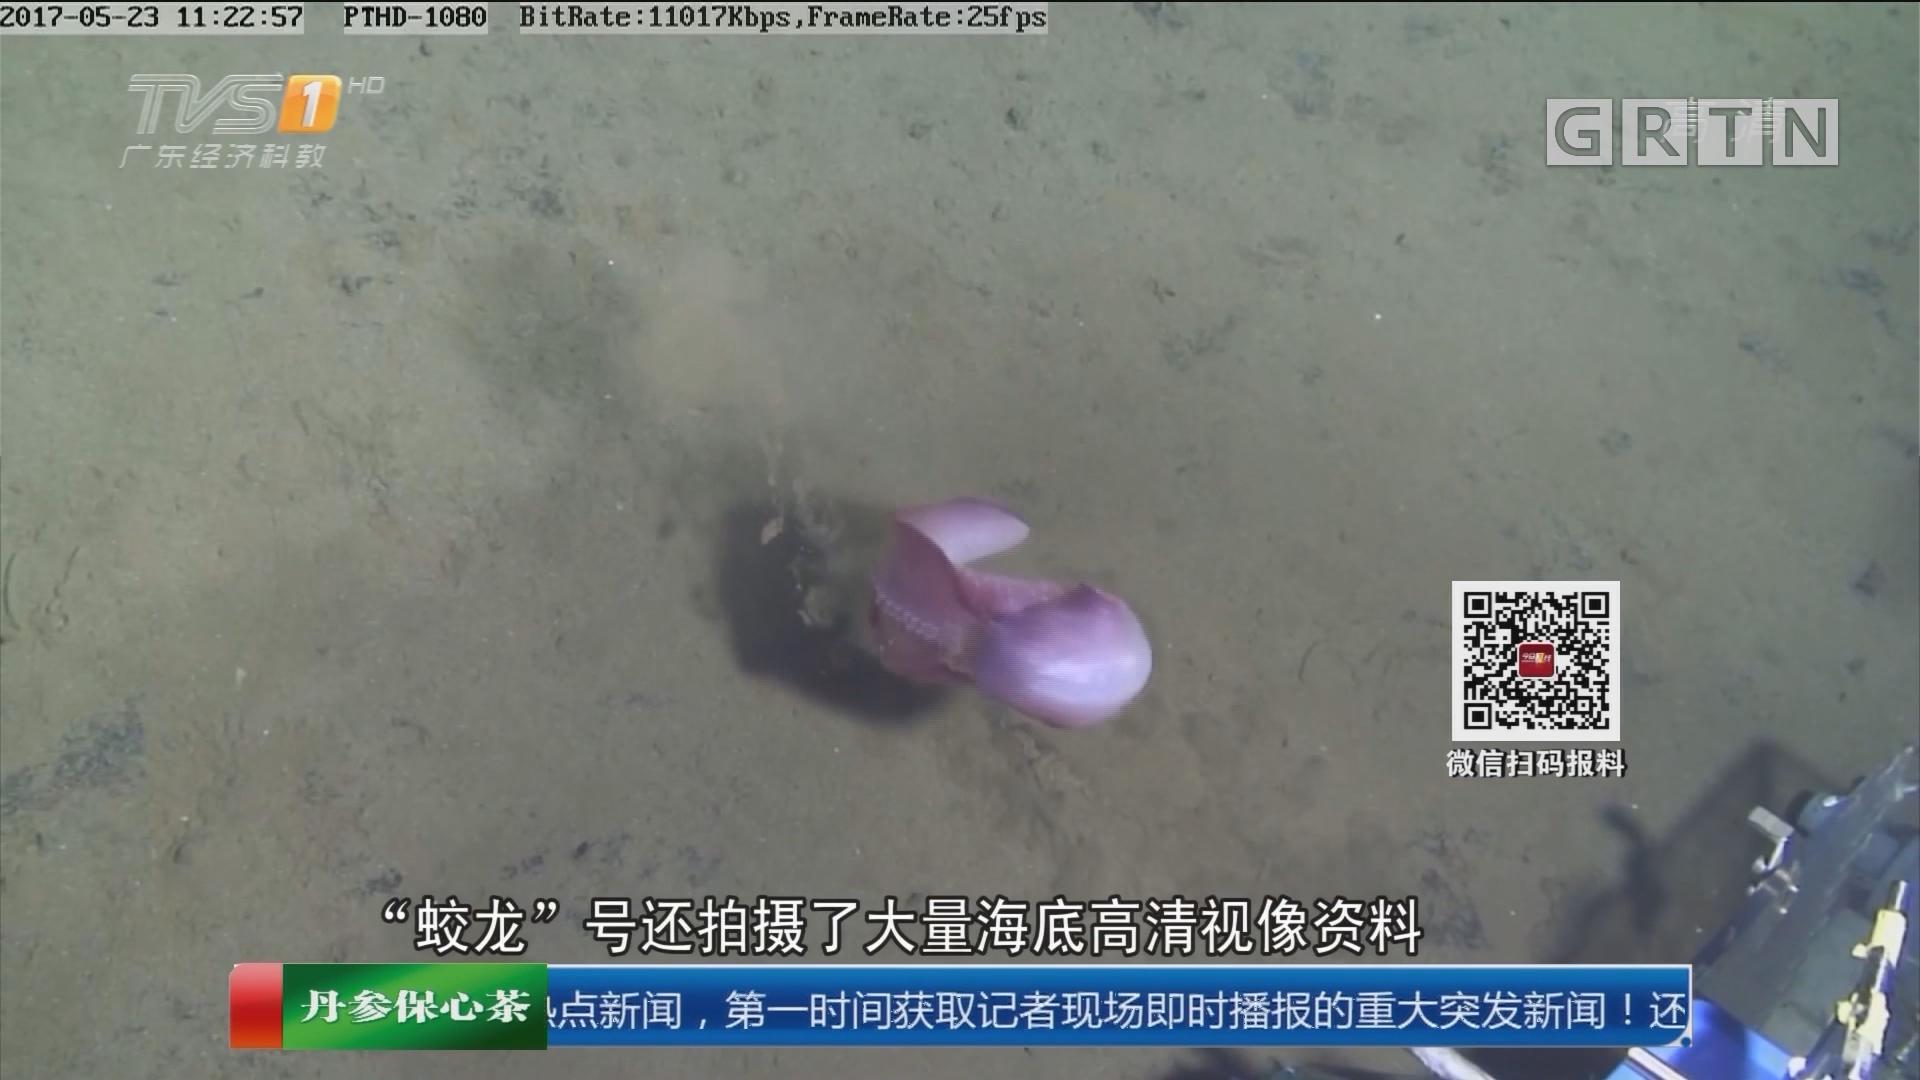 蛟龙号科研考察:蛟龙号下潜4811米 抓到红色大海参